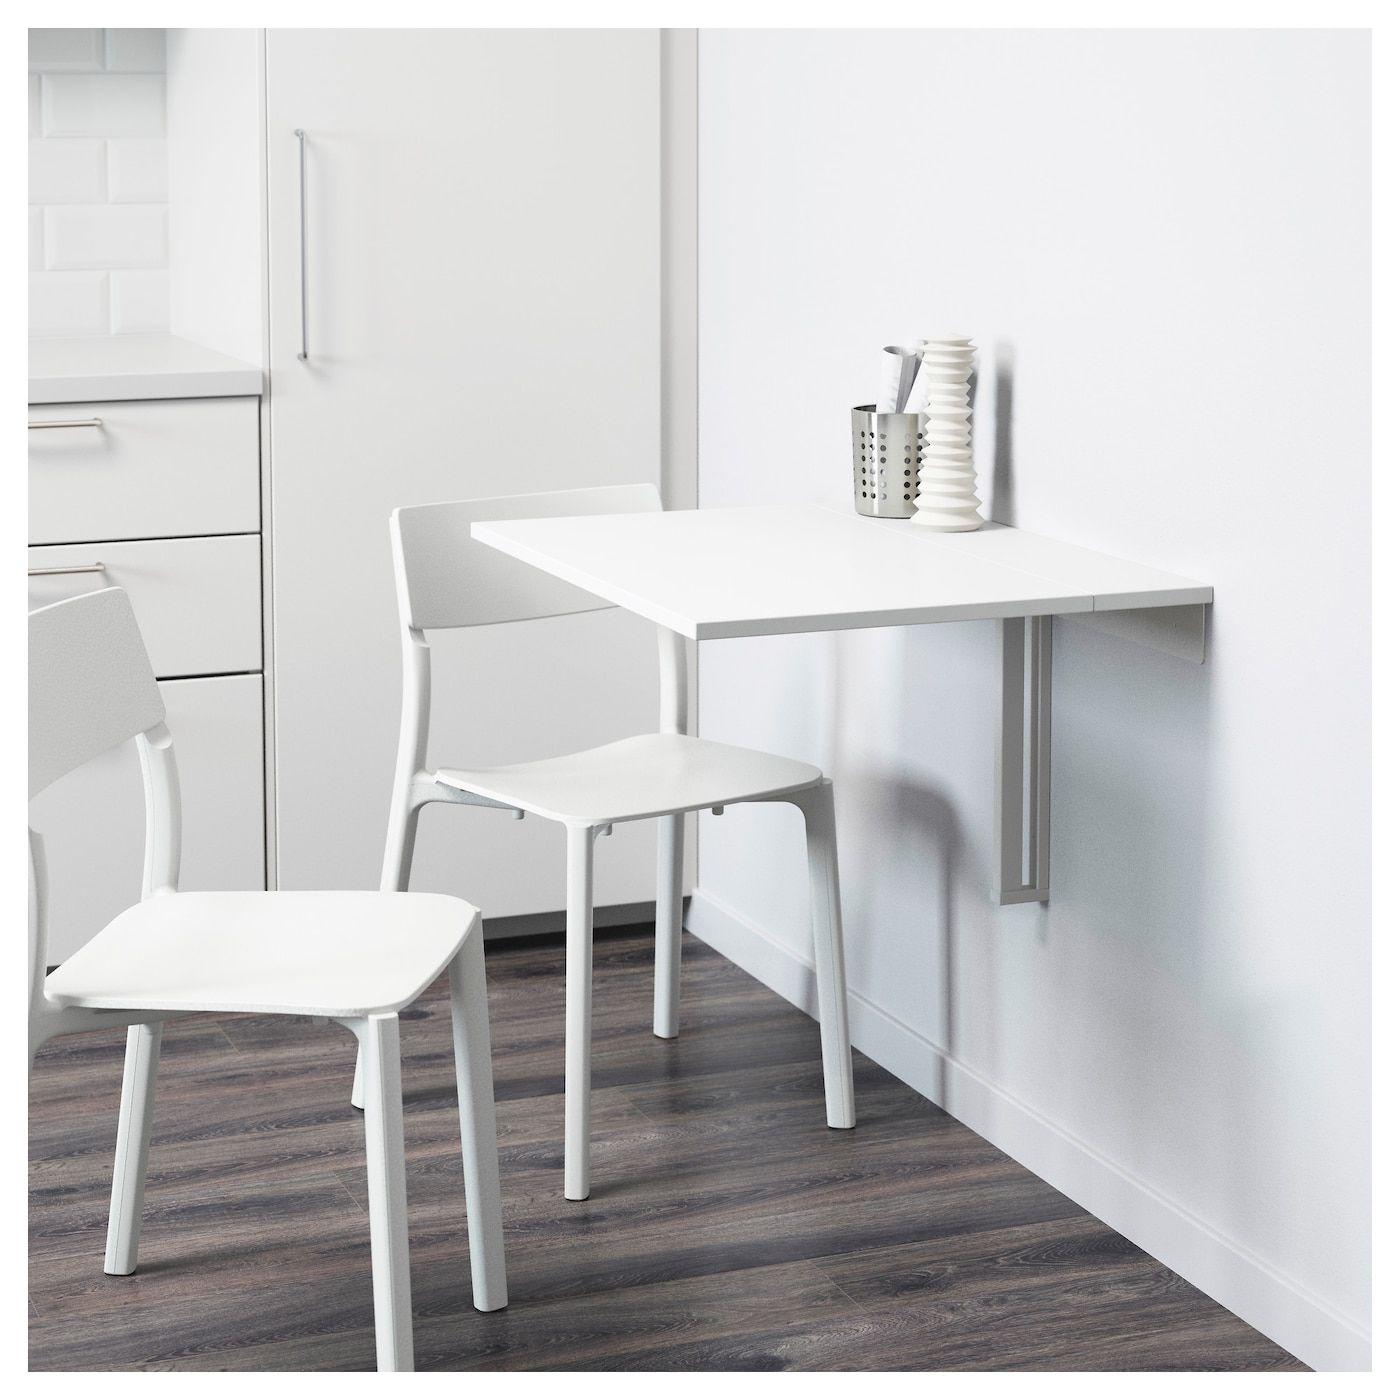 Tavolo Ribaltabile A Parete norberg tavolo ribaltabile da parete - bianco 74x60 cm (con